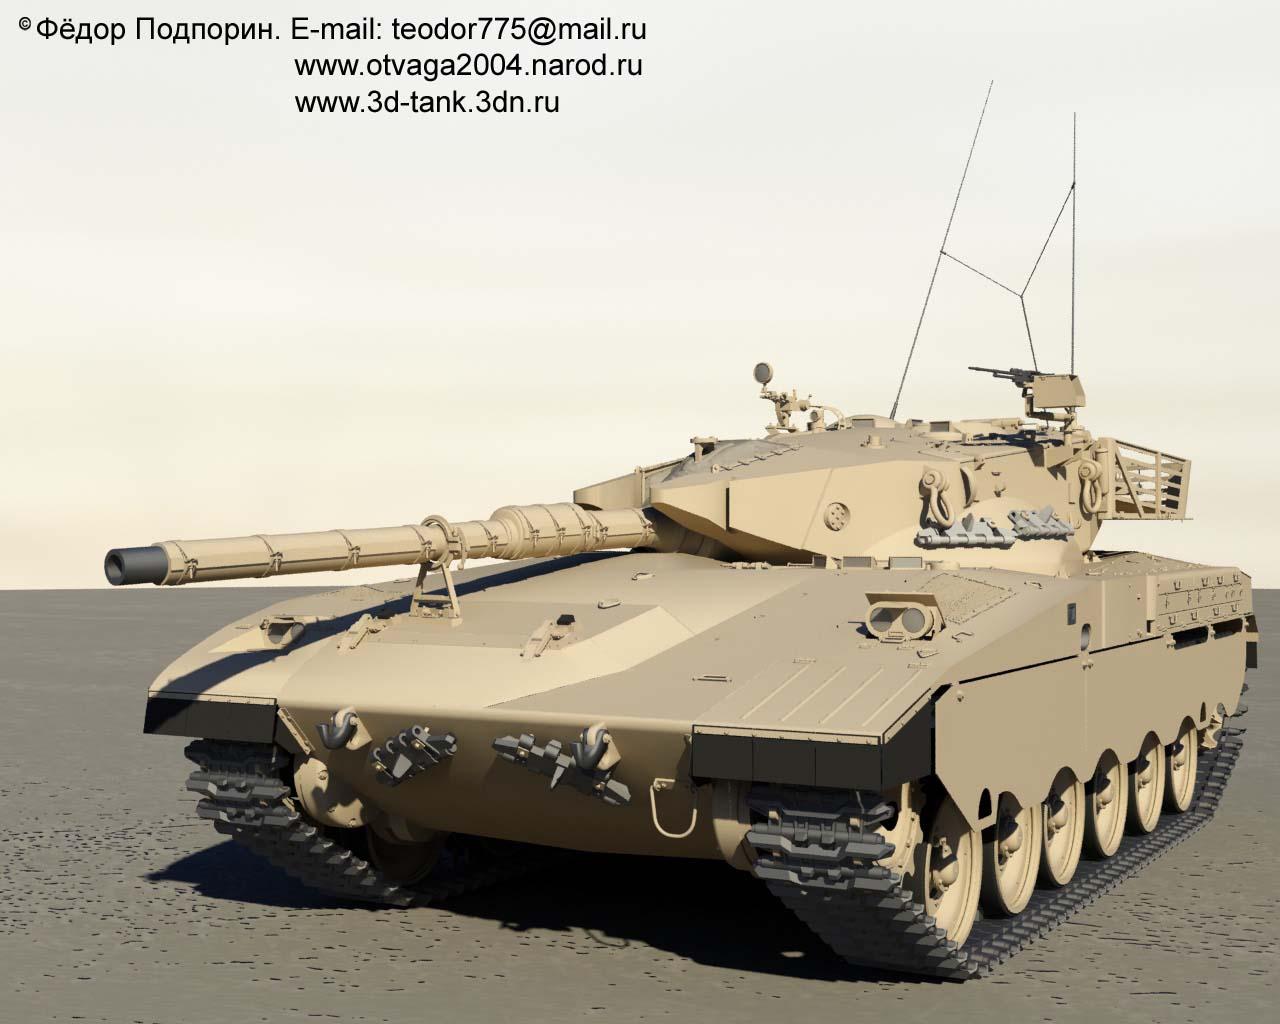 merkava-teodor775-otvaga2004-102